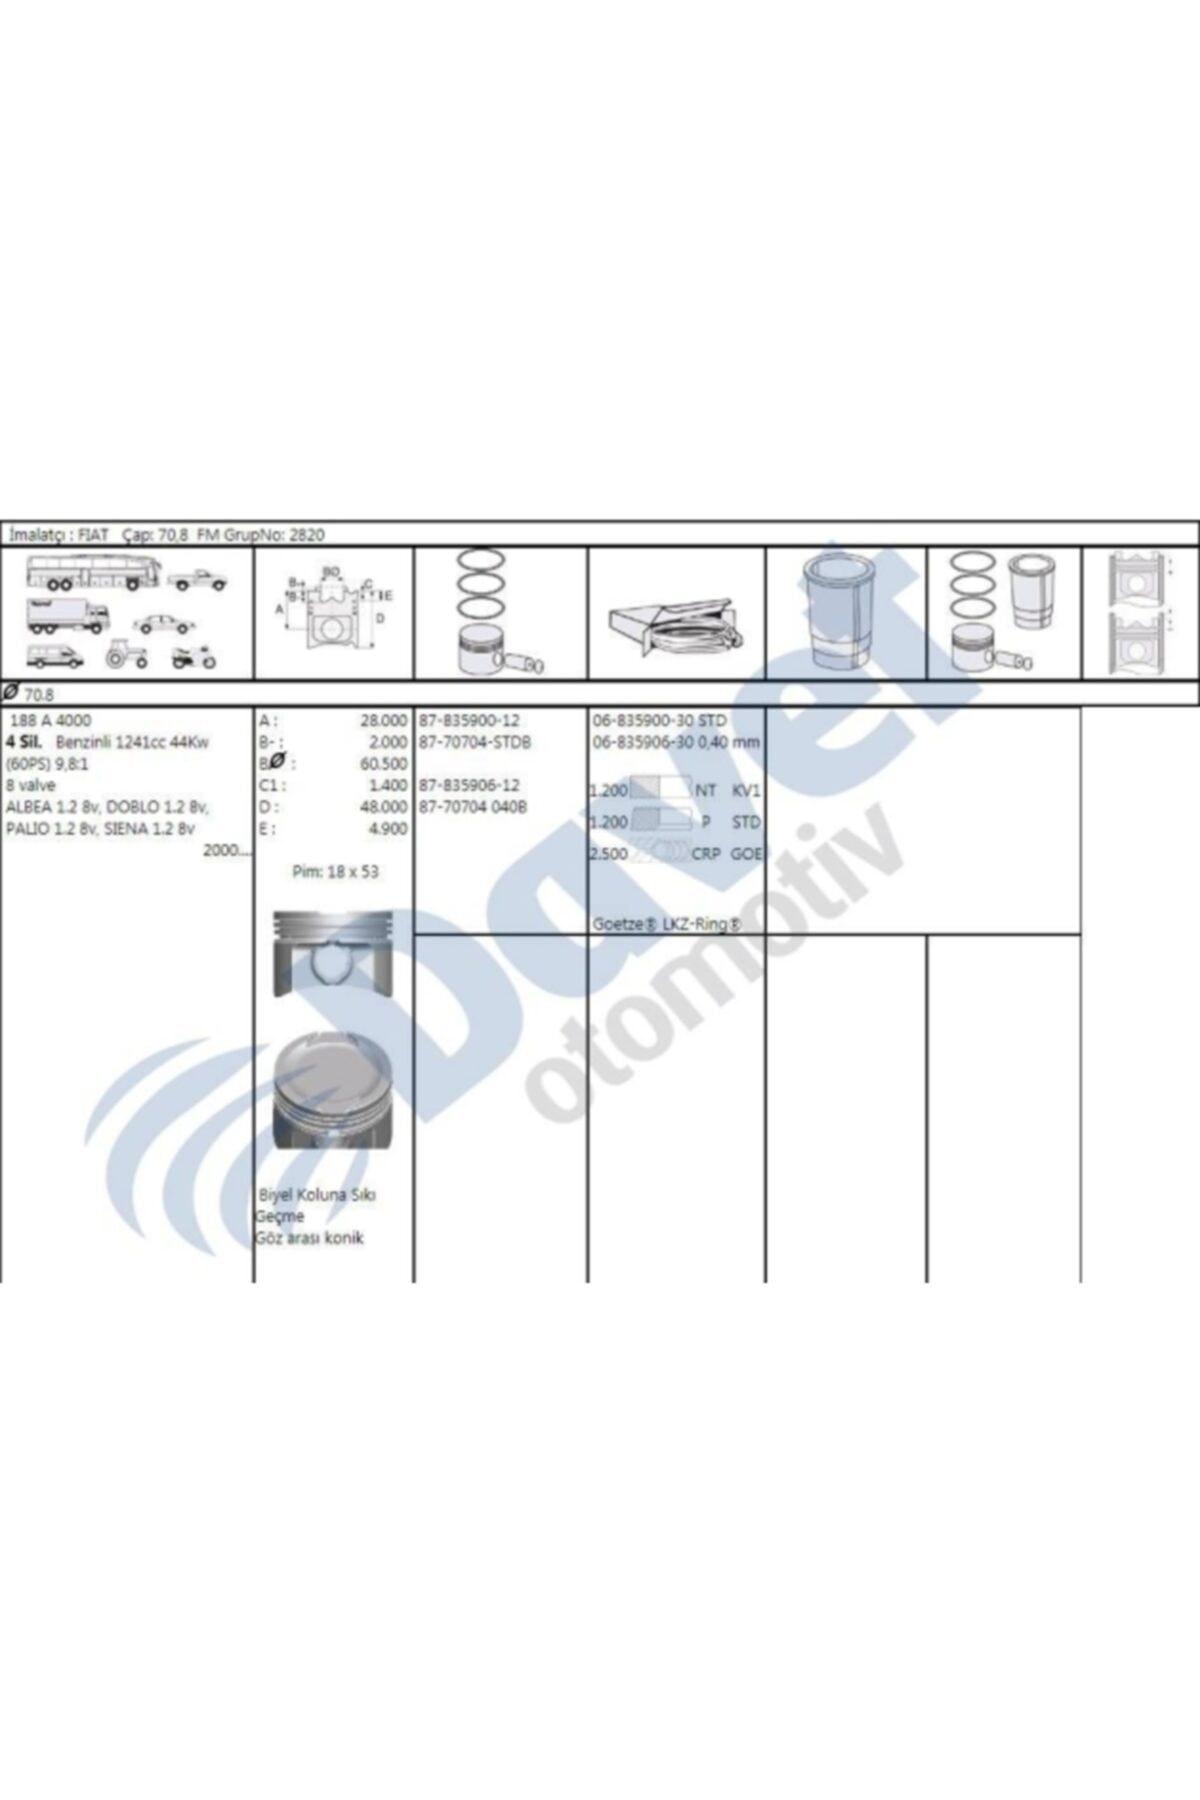 AGISS Piston + Segman 0.40 ( Fiat : Palio 1.2 8v ) - Iss-877070404000bg 1